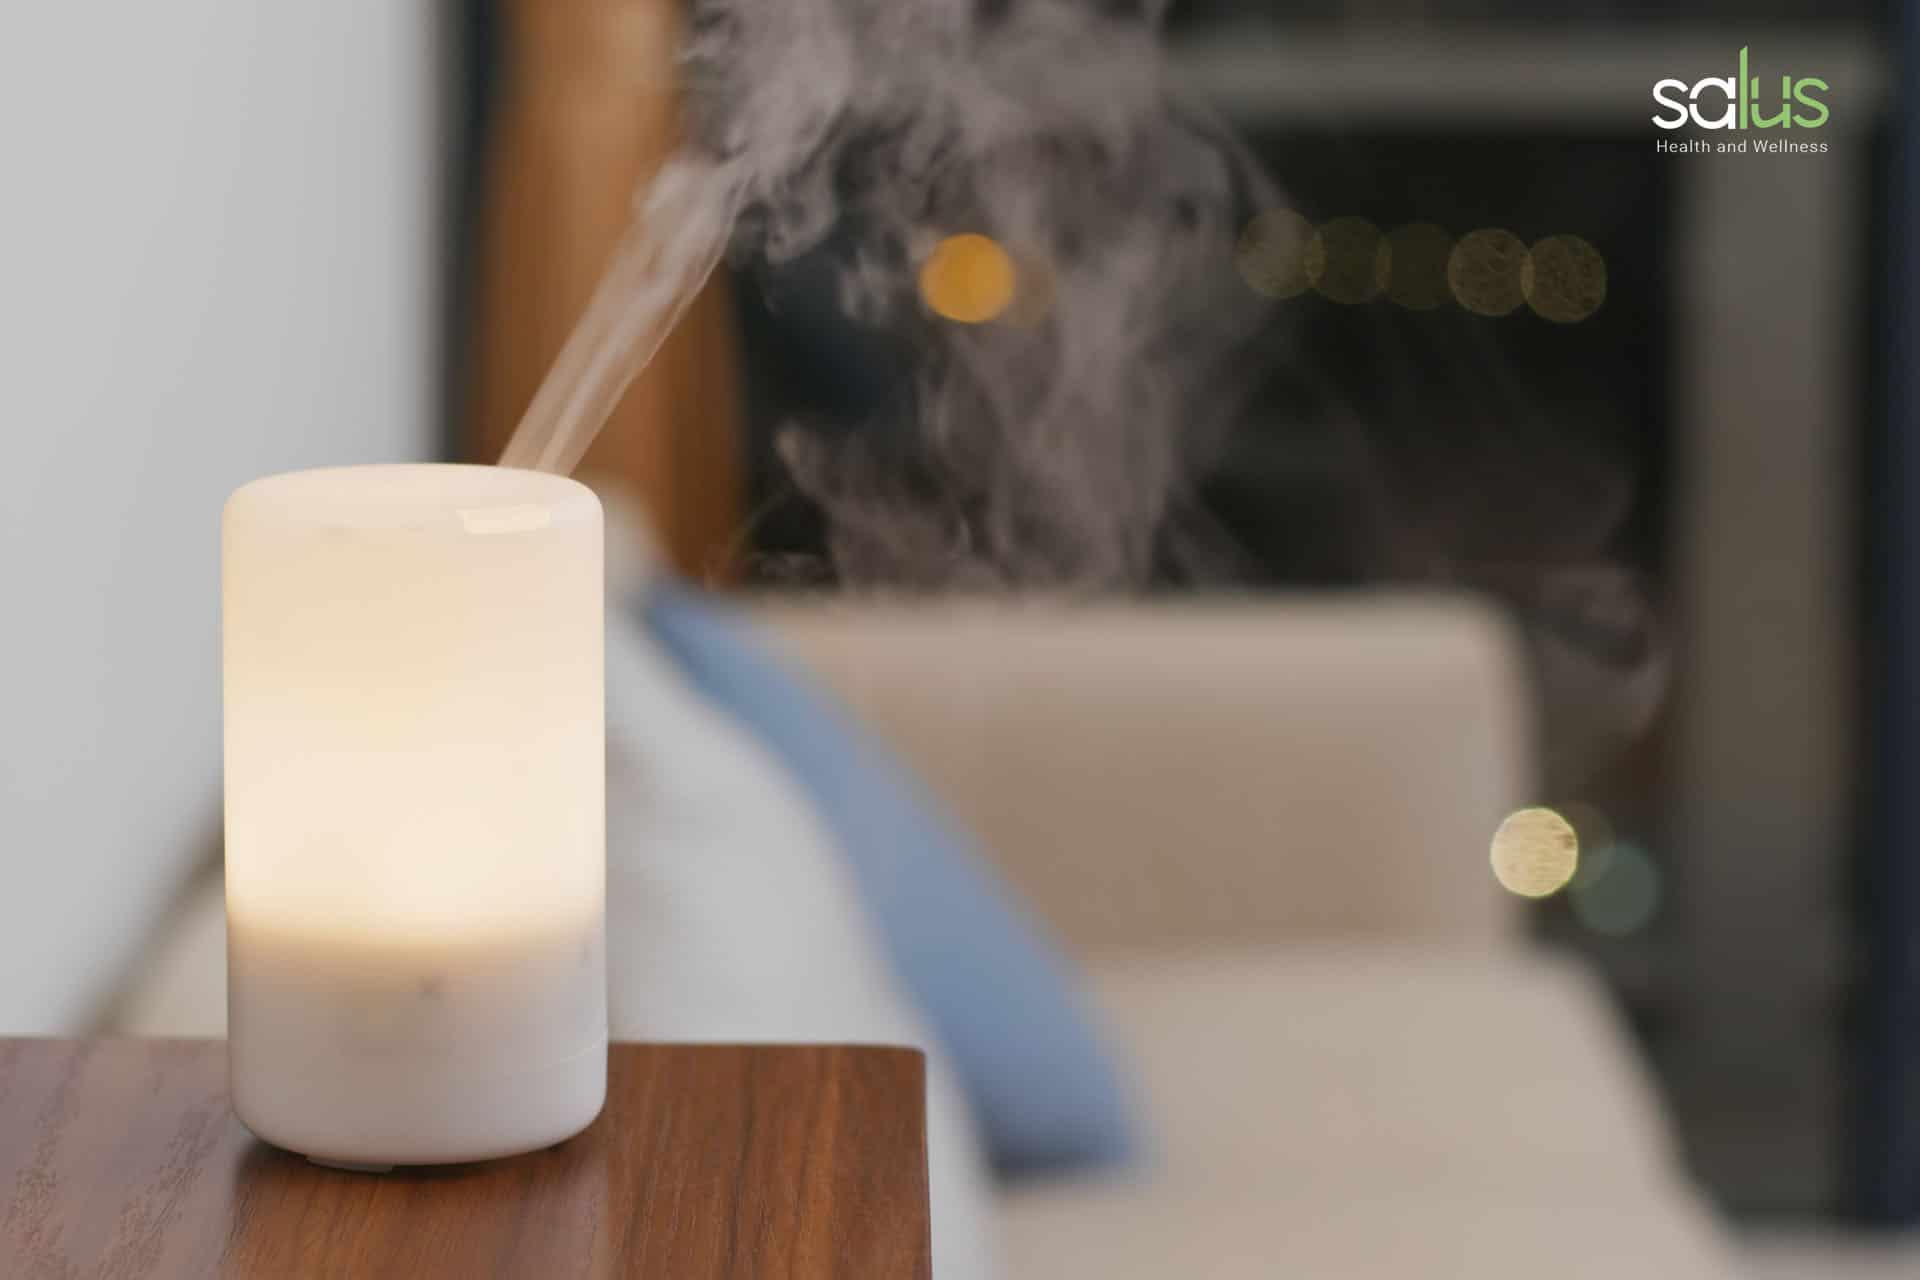 Salus Blog - Sei modi per rendere sano l'ambiente casalingo